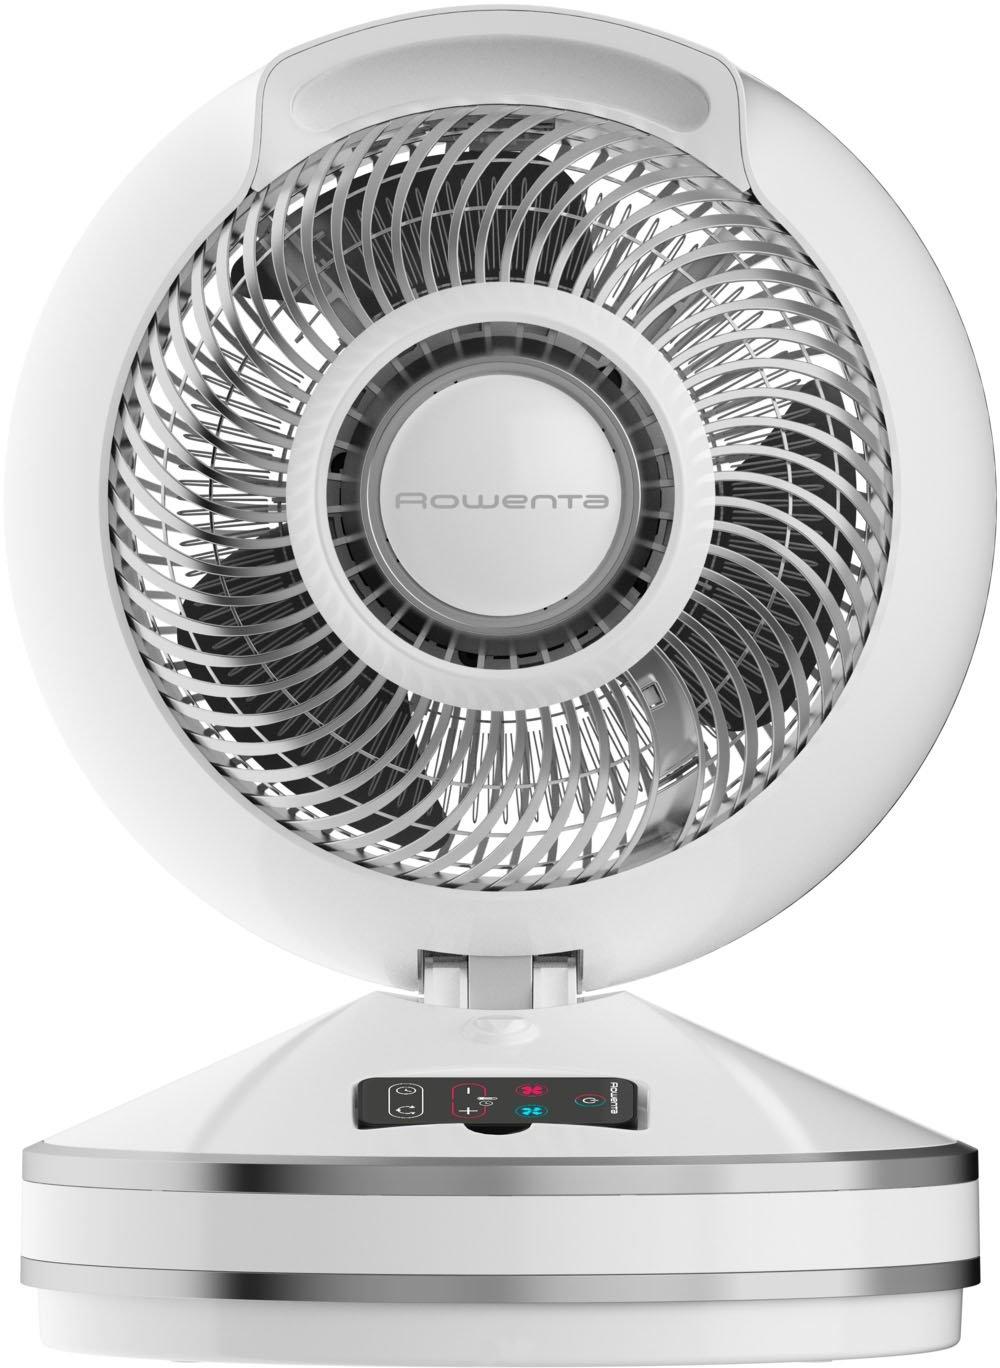 Rowenta vloerventilator HQ7152 Air Force Intense 2in1 Ventilator en ventilatorkachel, 2600 W, 43 dB(A); eco-verwarmingsmodus, incl. afstandsbediening nu online bestellen